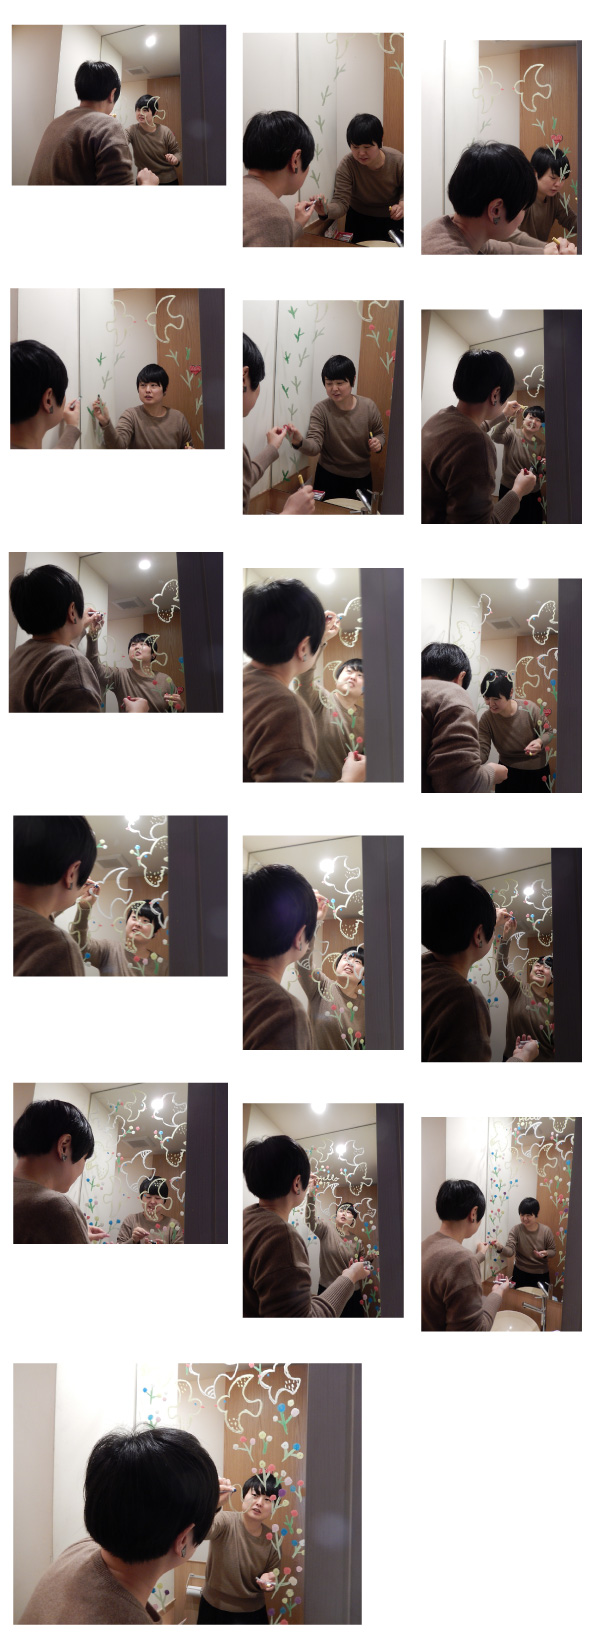 めぐたまキットパスミラーギャラリーVol.14 Yuzukoさんの「いろとりどり」(2017年1月5日〜)